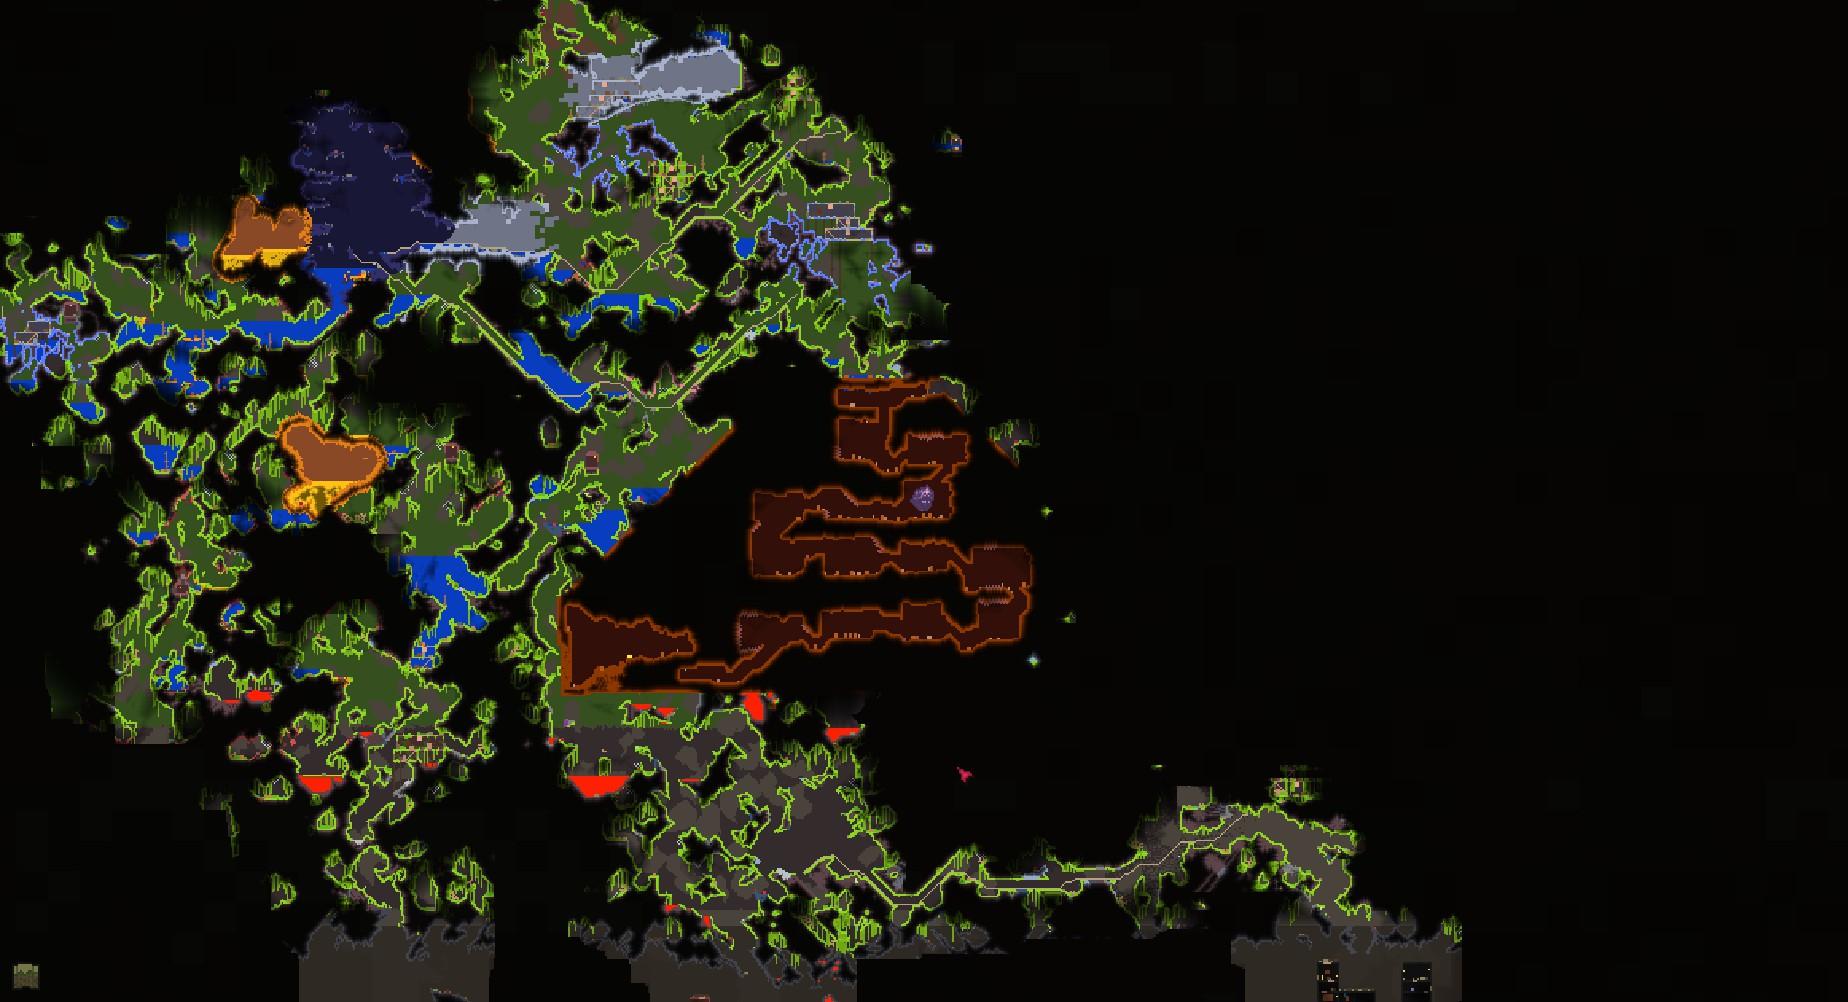 Pc world generation error in jungle temple golem boss room pc world generation error in jungle temple golem boss room unaccessible gumiabroncs Images